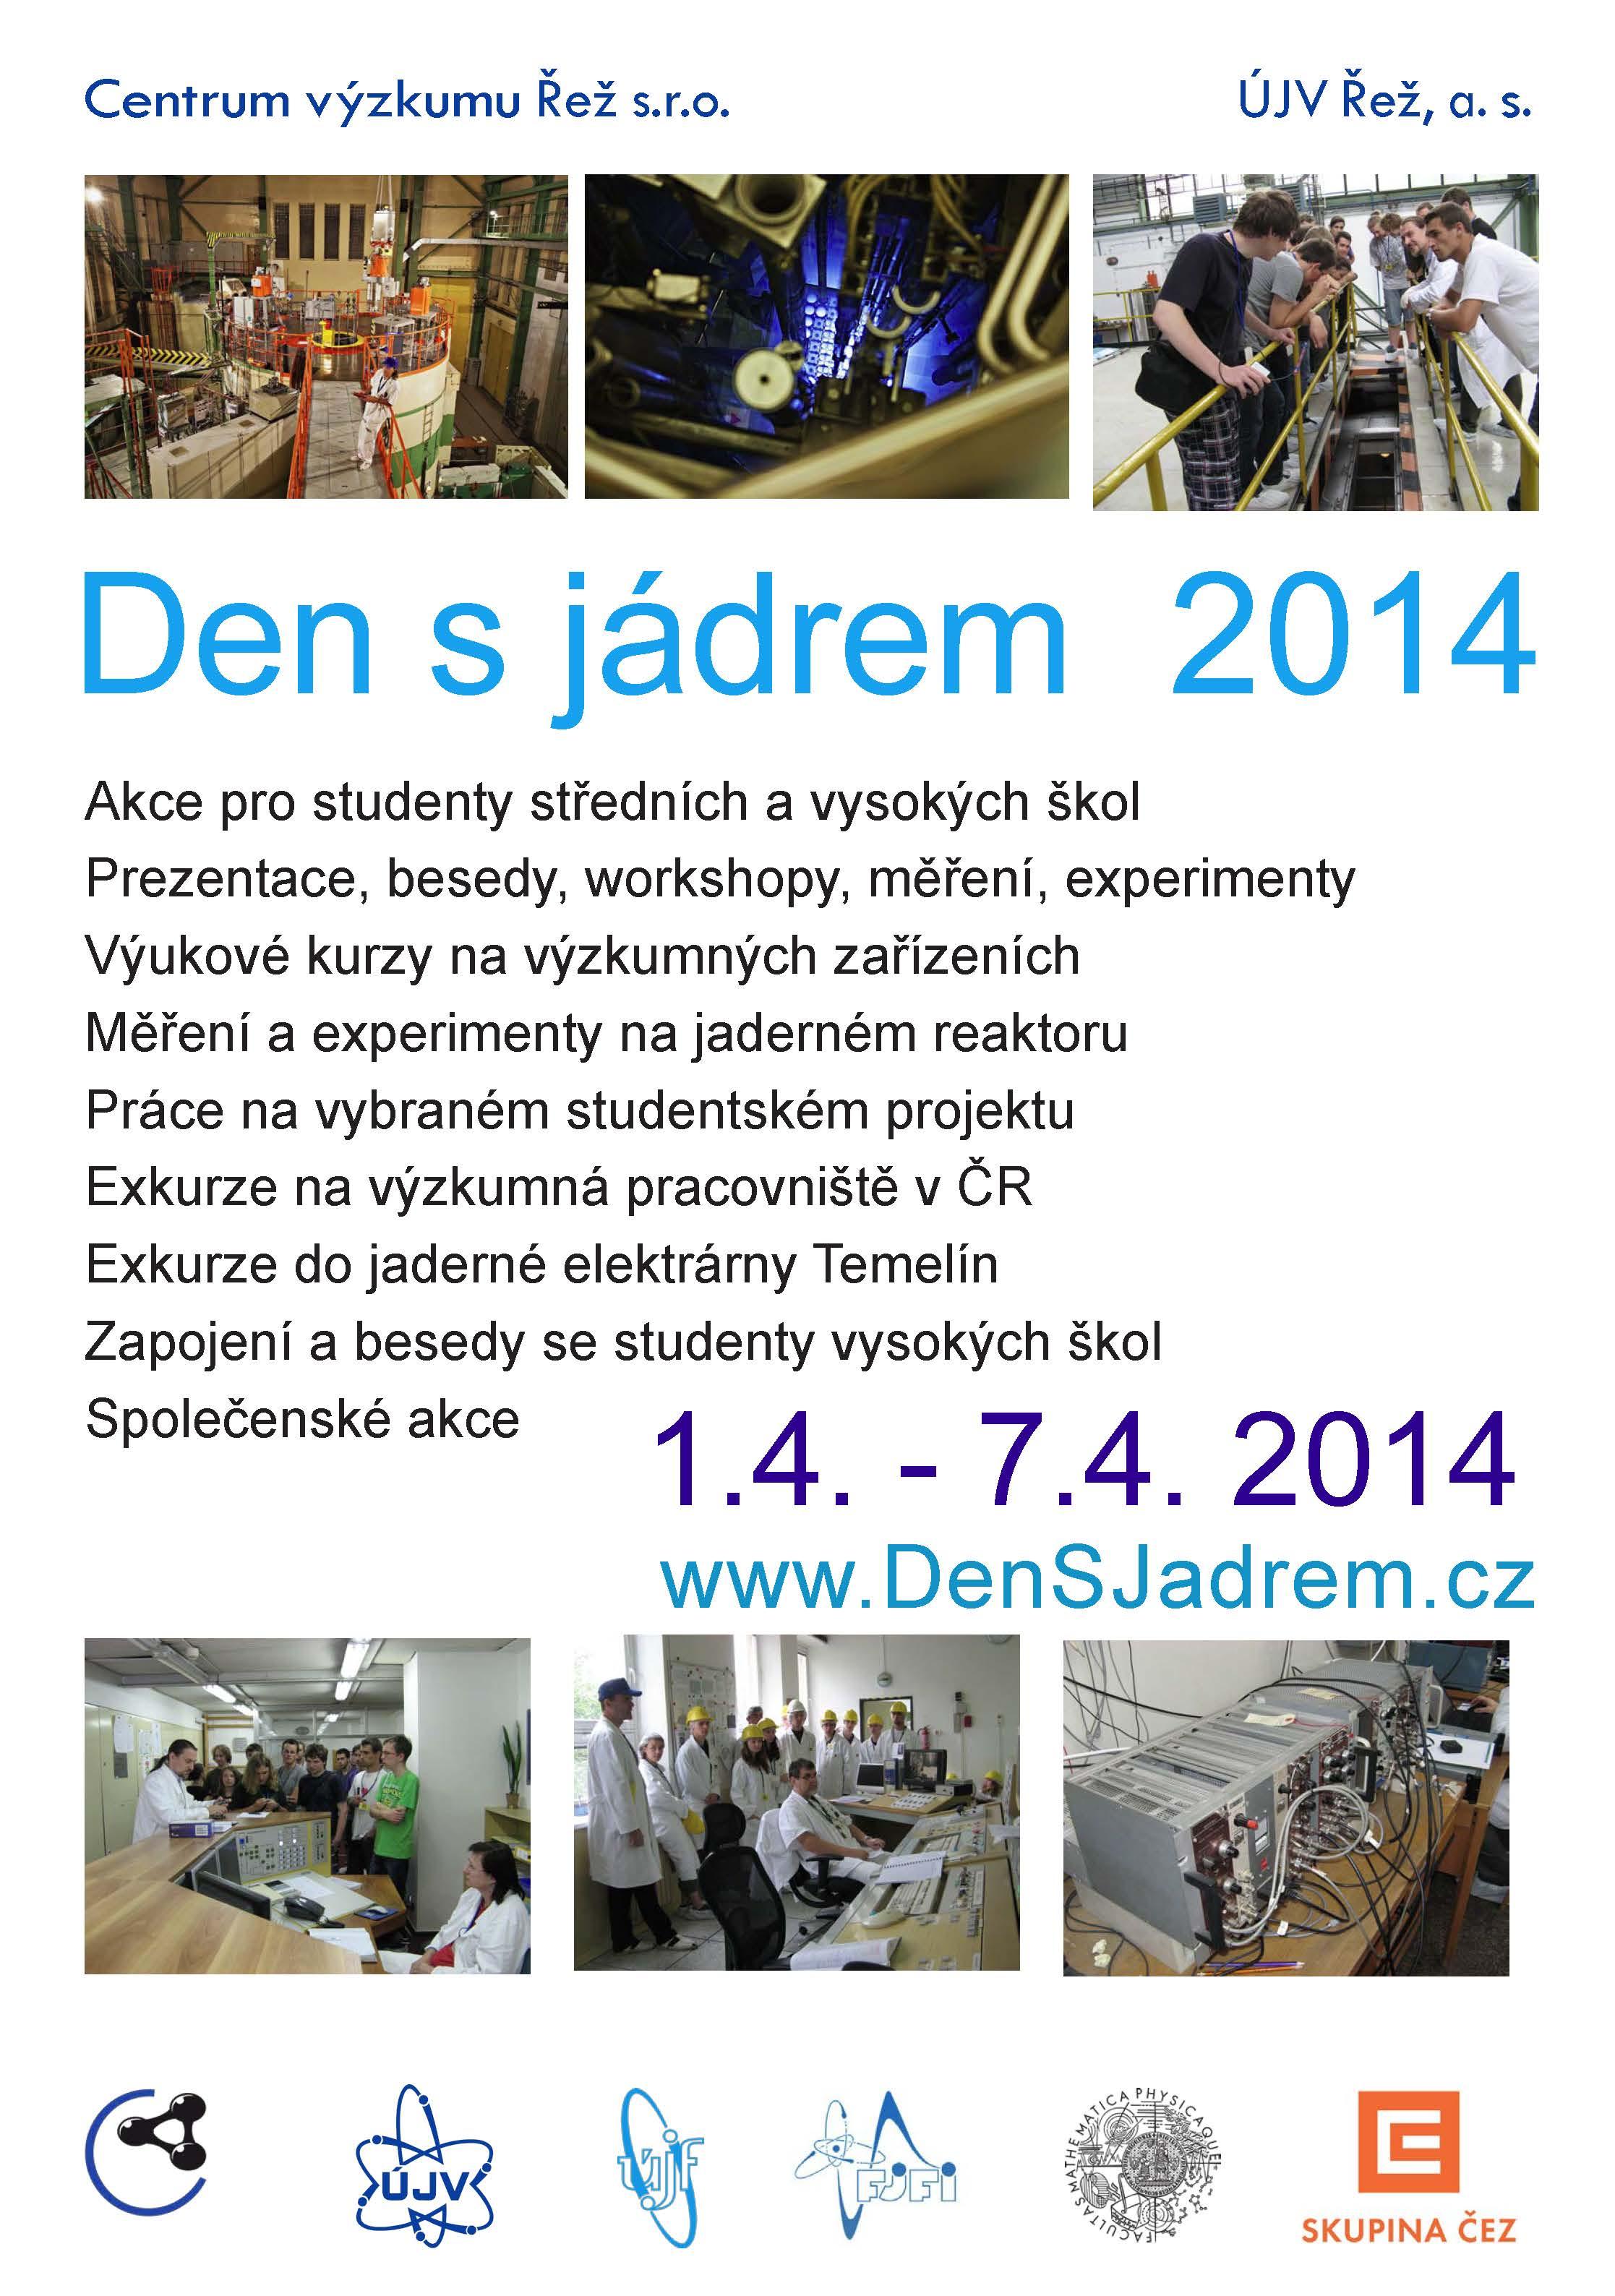 V Řeži připravují seminář pro studenty Den s jádrem 2014